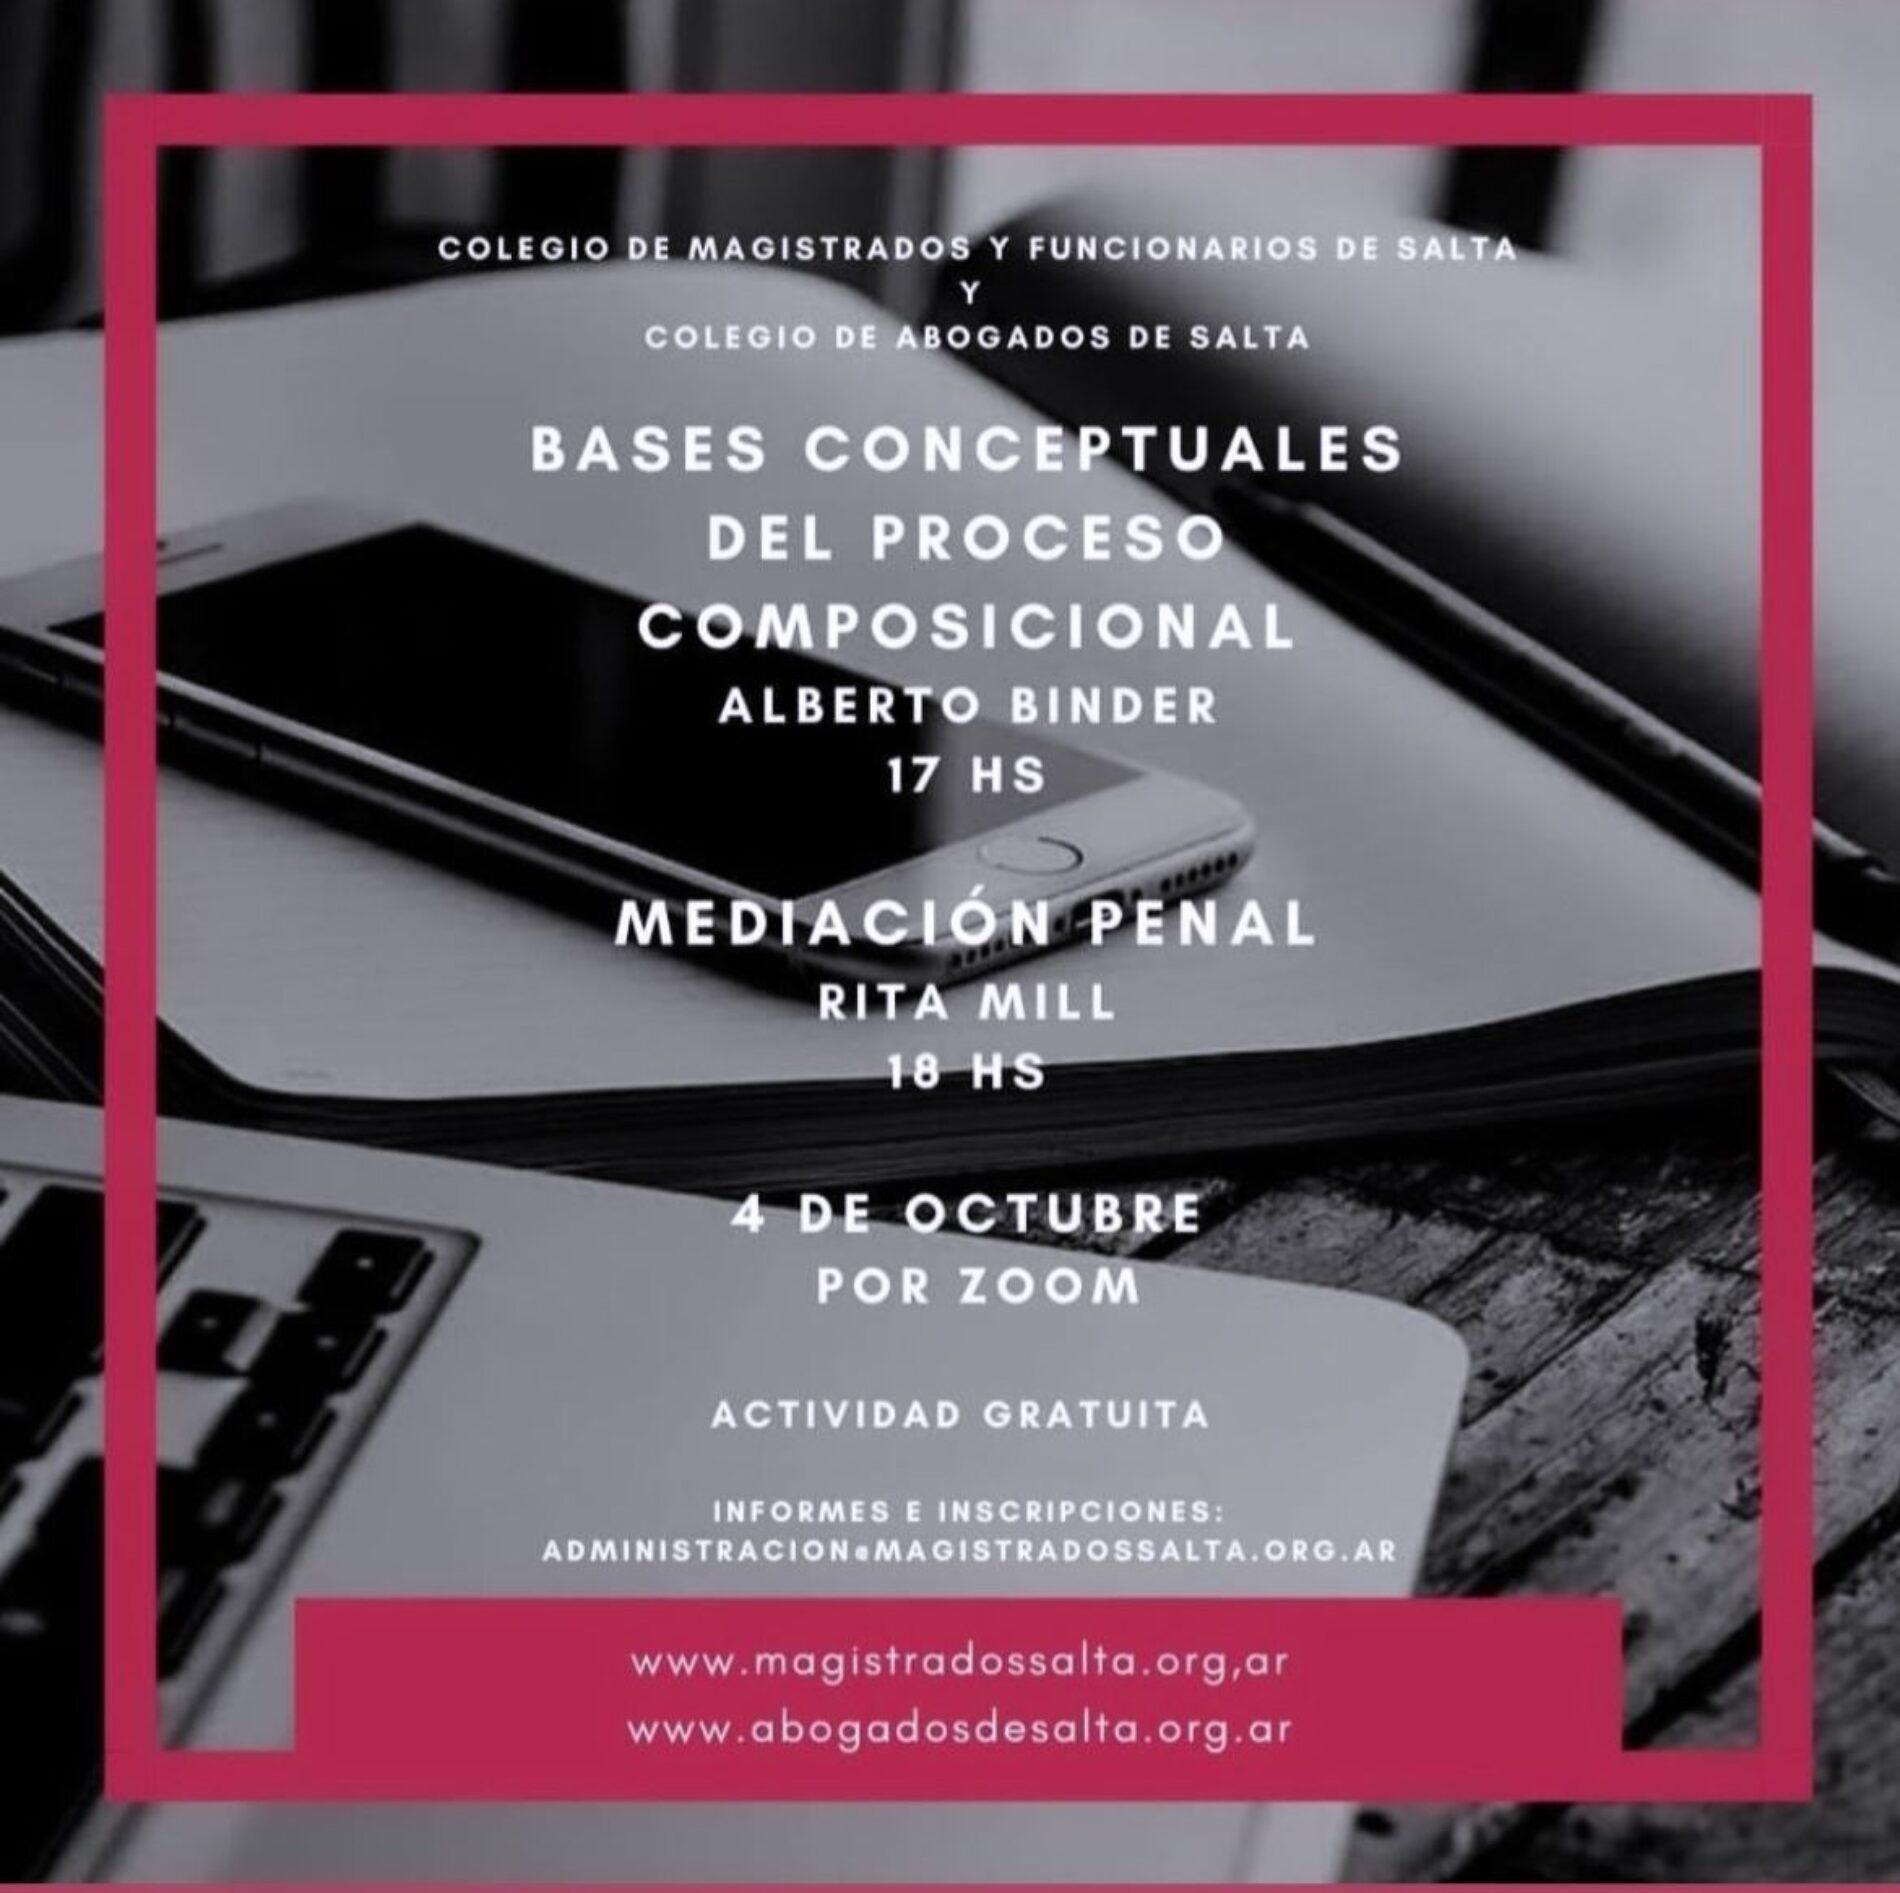 Capacitación gratuita organizada por el Colegio de Magistrados y Funcionarios de Salta y el Colegio de Abogados y Procuradores de Salta